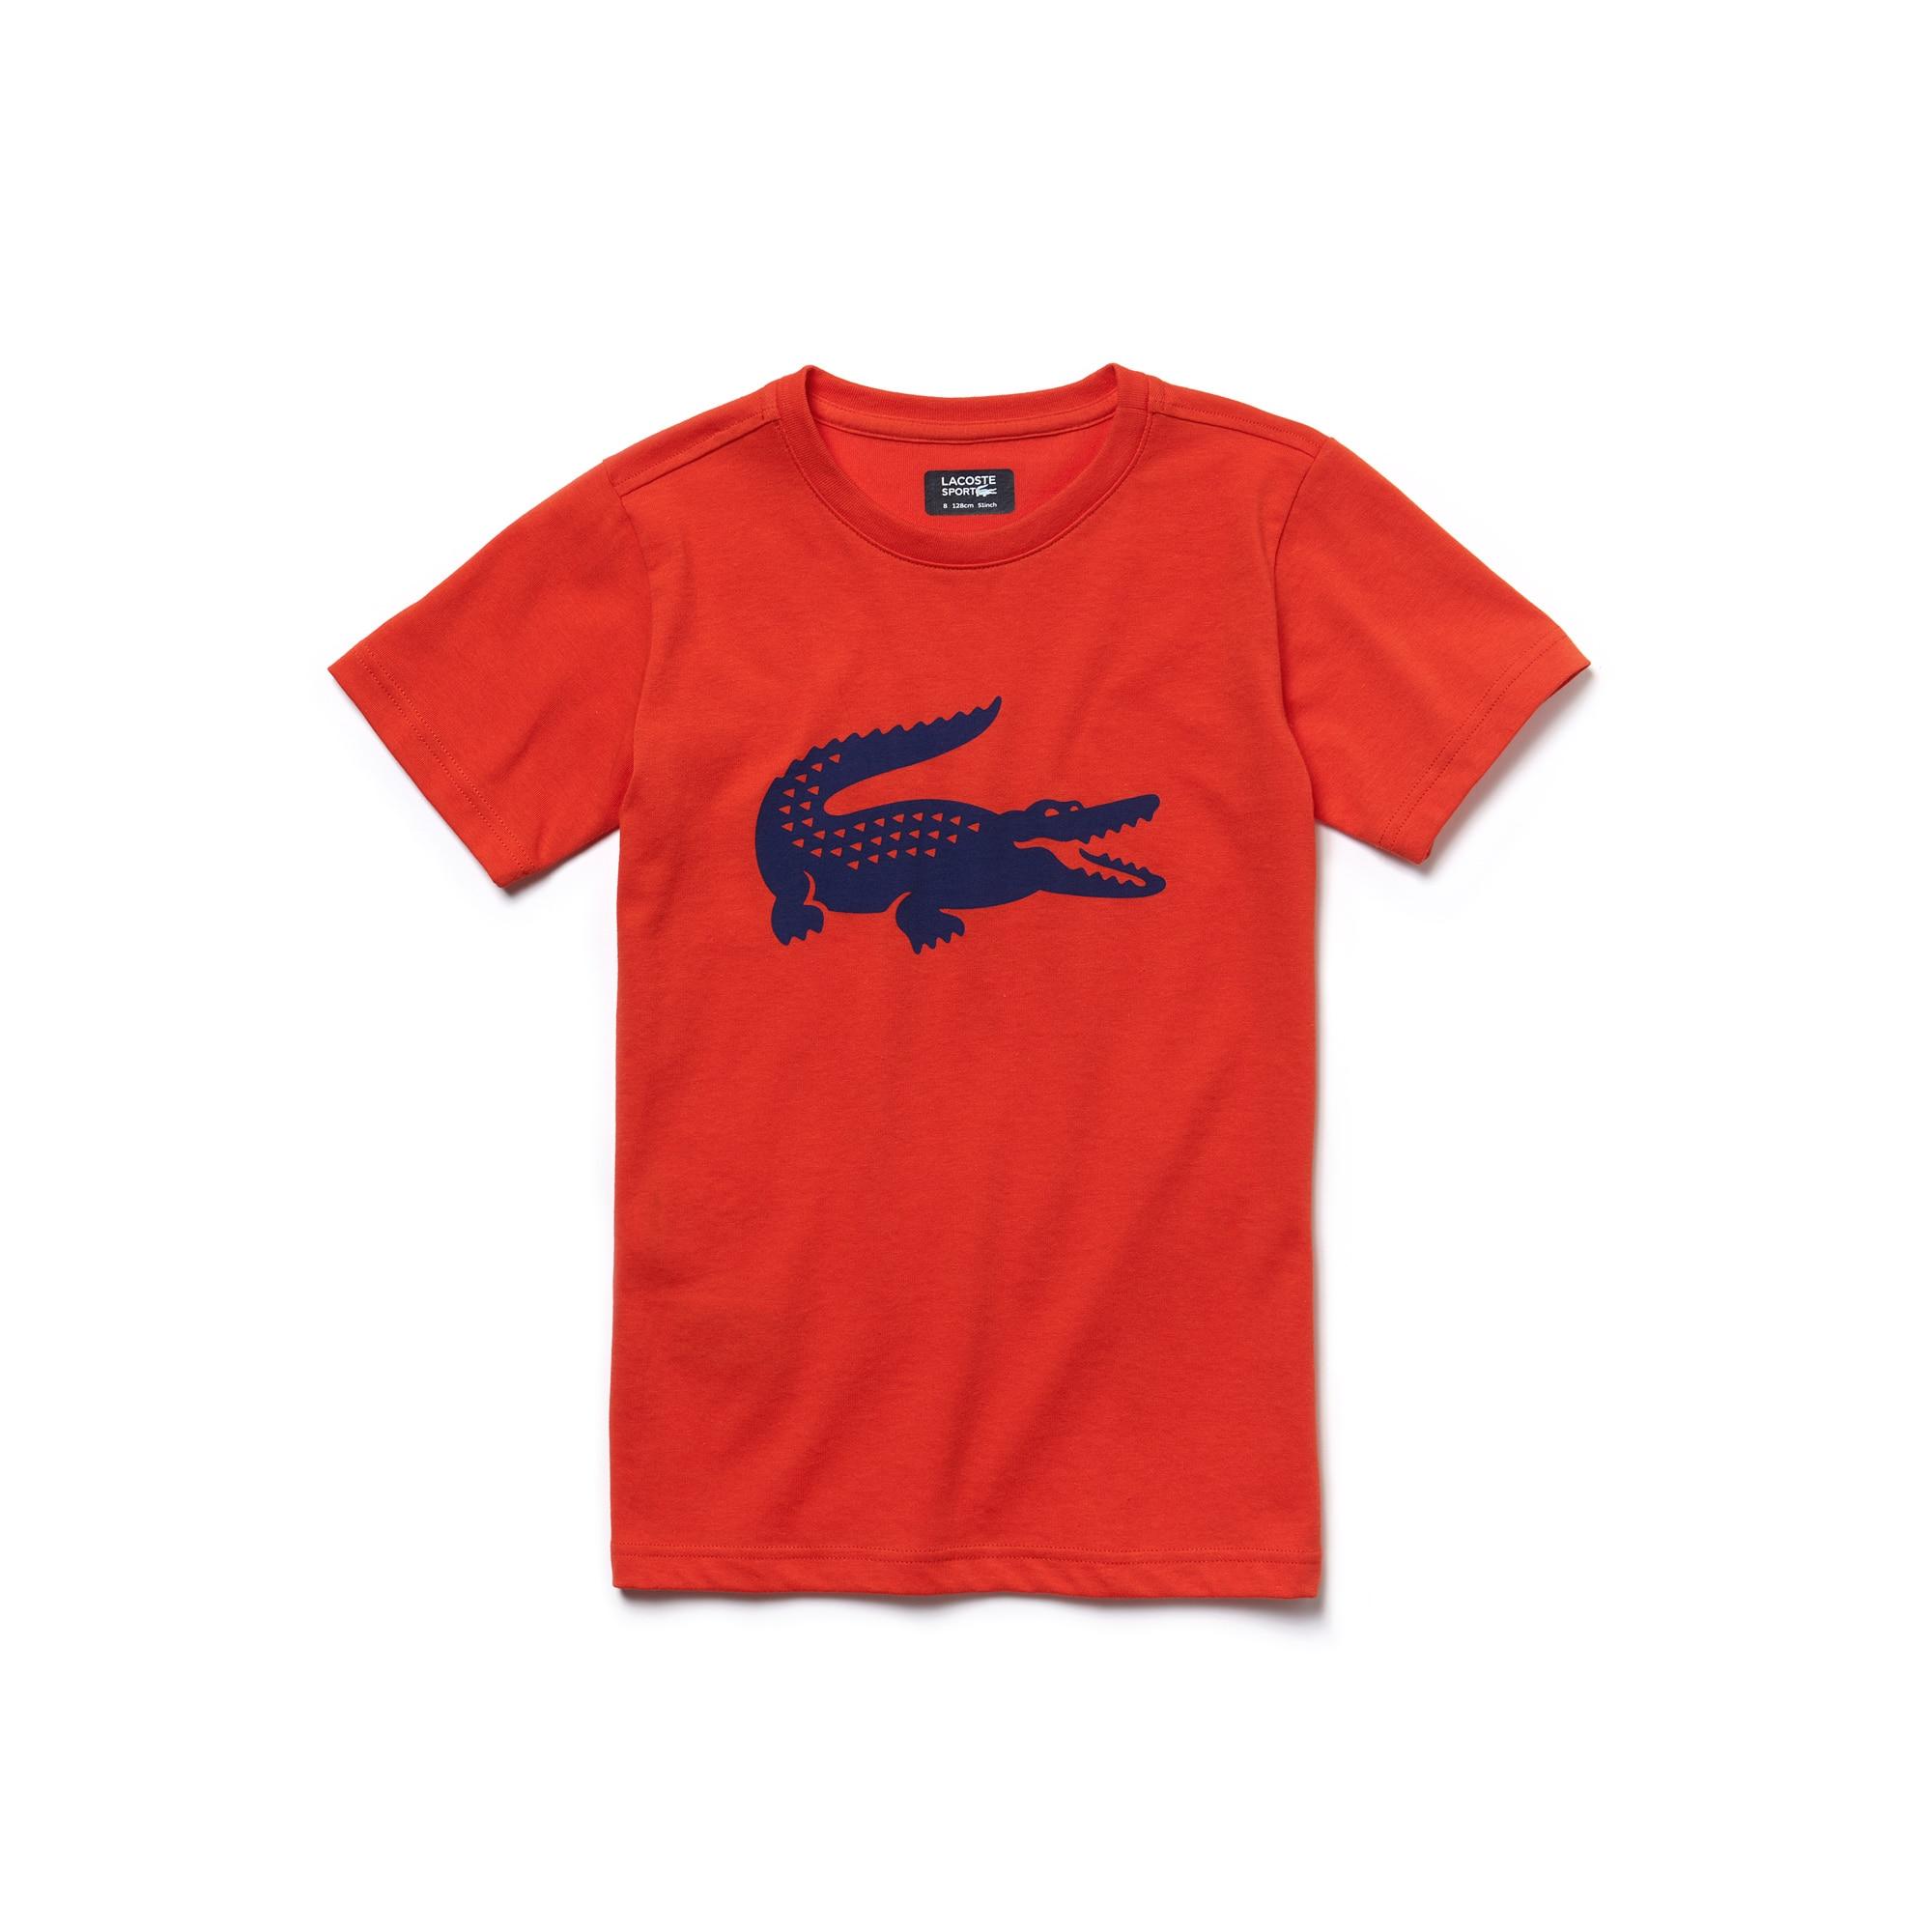 T-shirt Bambino Tennis Lacoste SPORT in jersey tecnico con coccodrillo oversize